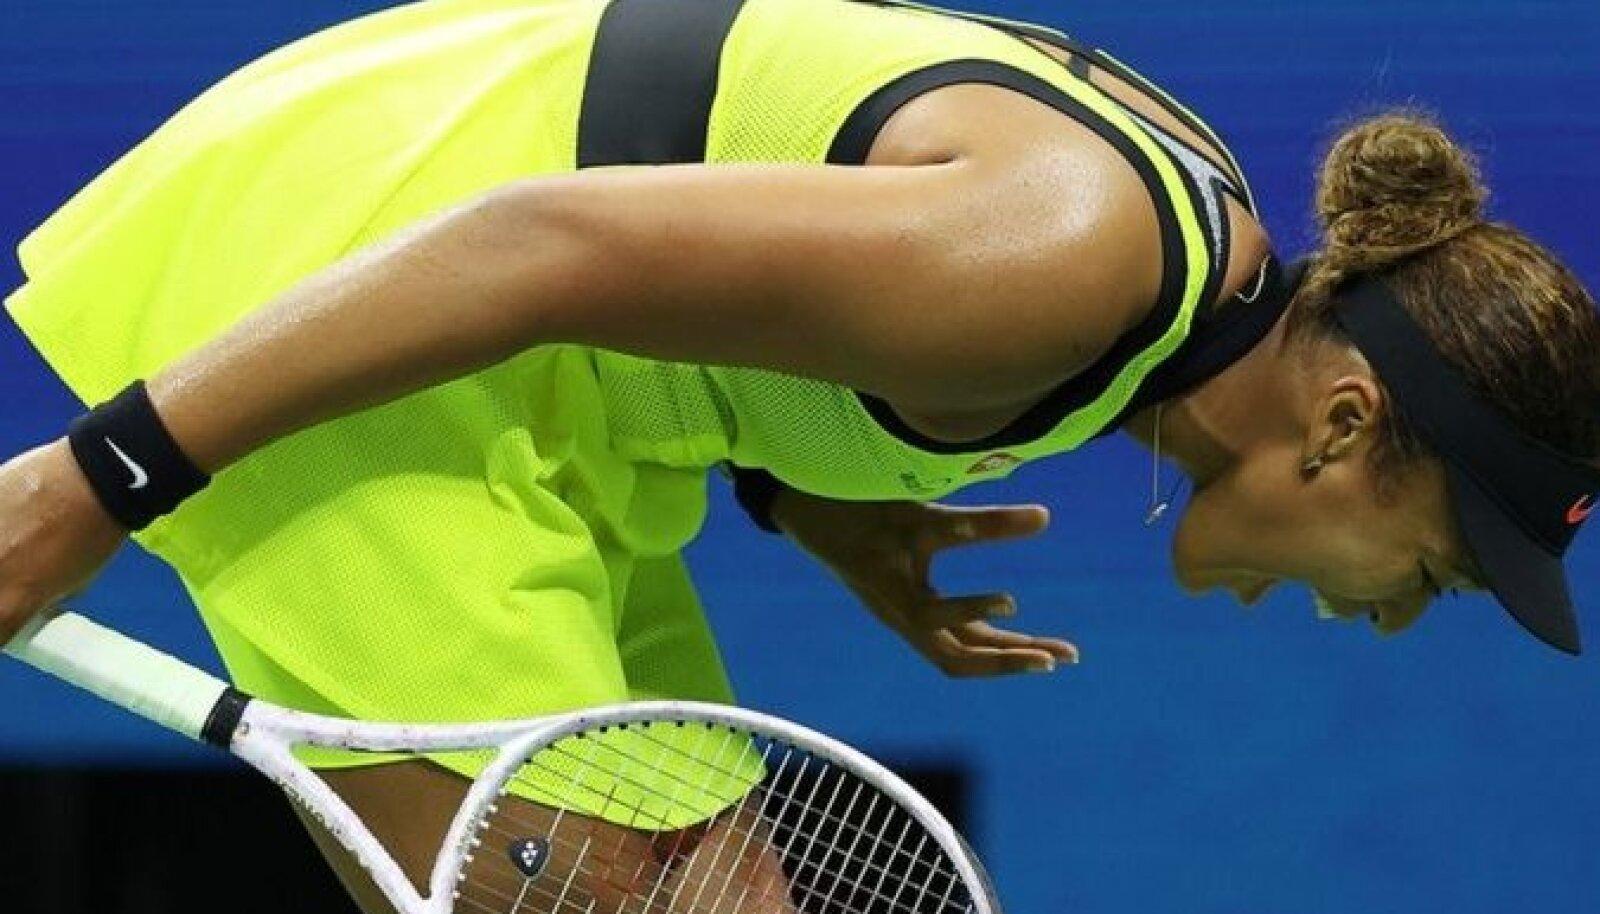 Во время матча раздосадованная спортсменка несколько раз бросала ракетку